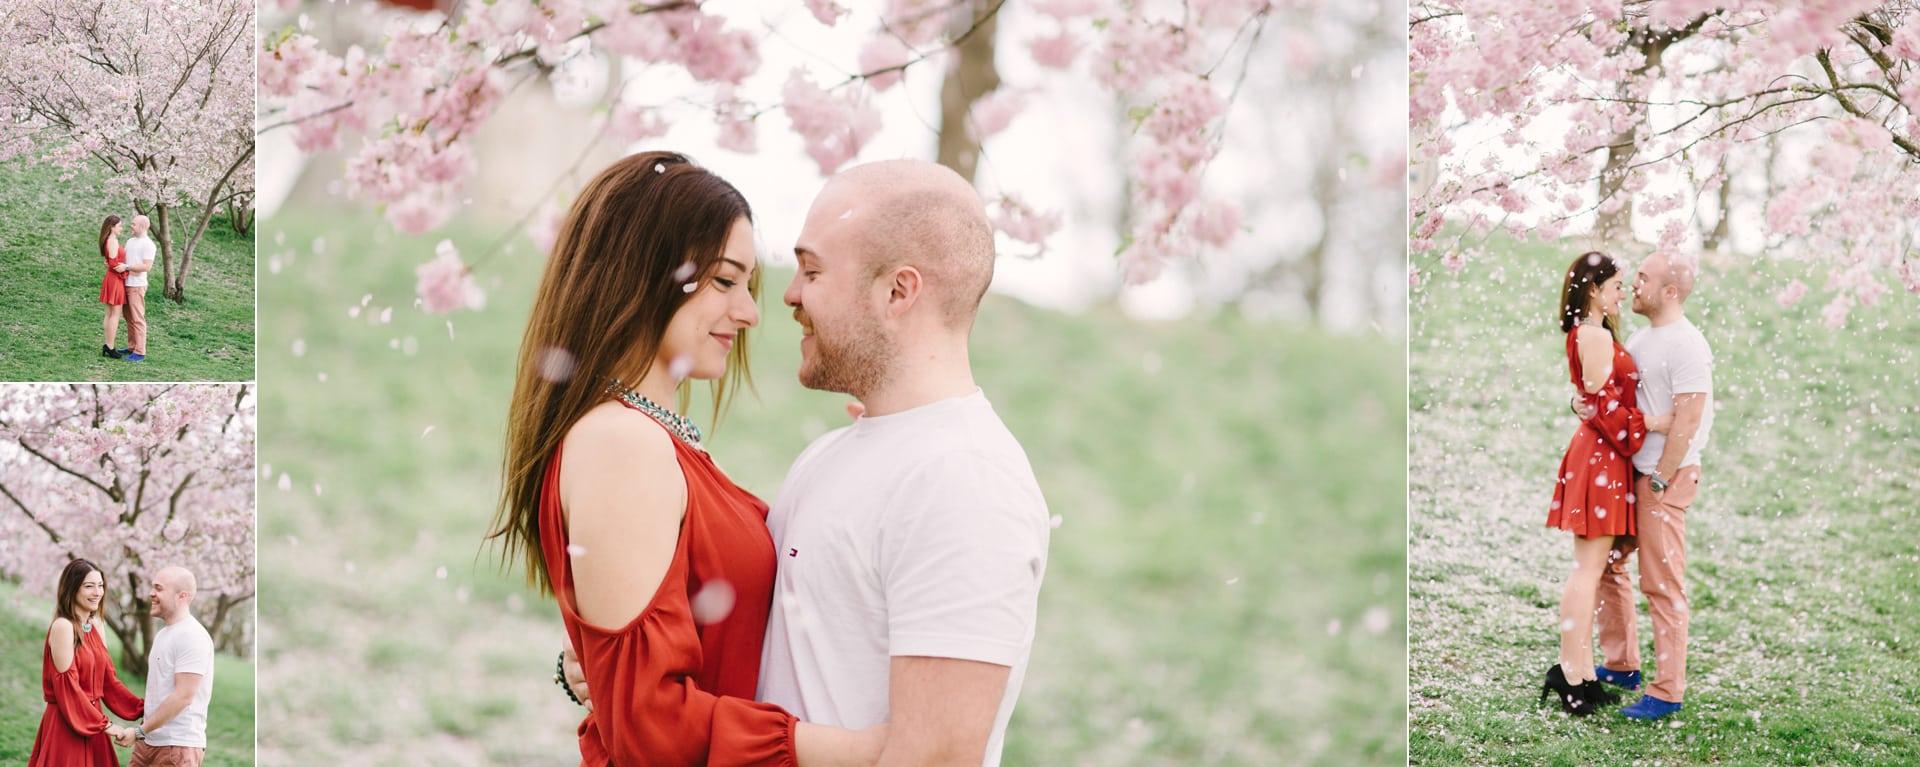 Kirschblütenshooting mit Hochzeitsfotograf Kamer Aktas aus München für die besten Fotolocations in München für Hochzeitspaare